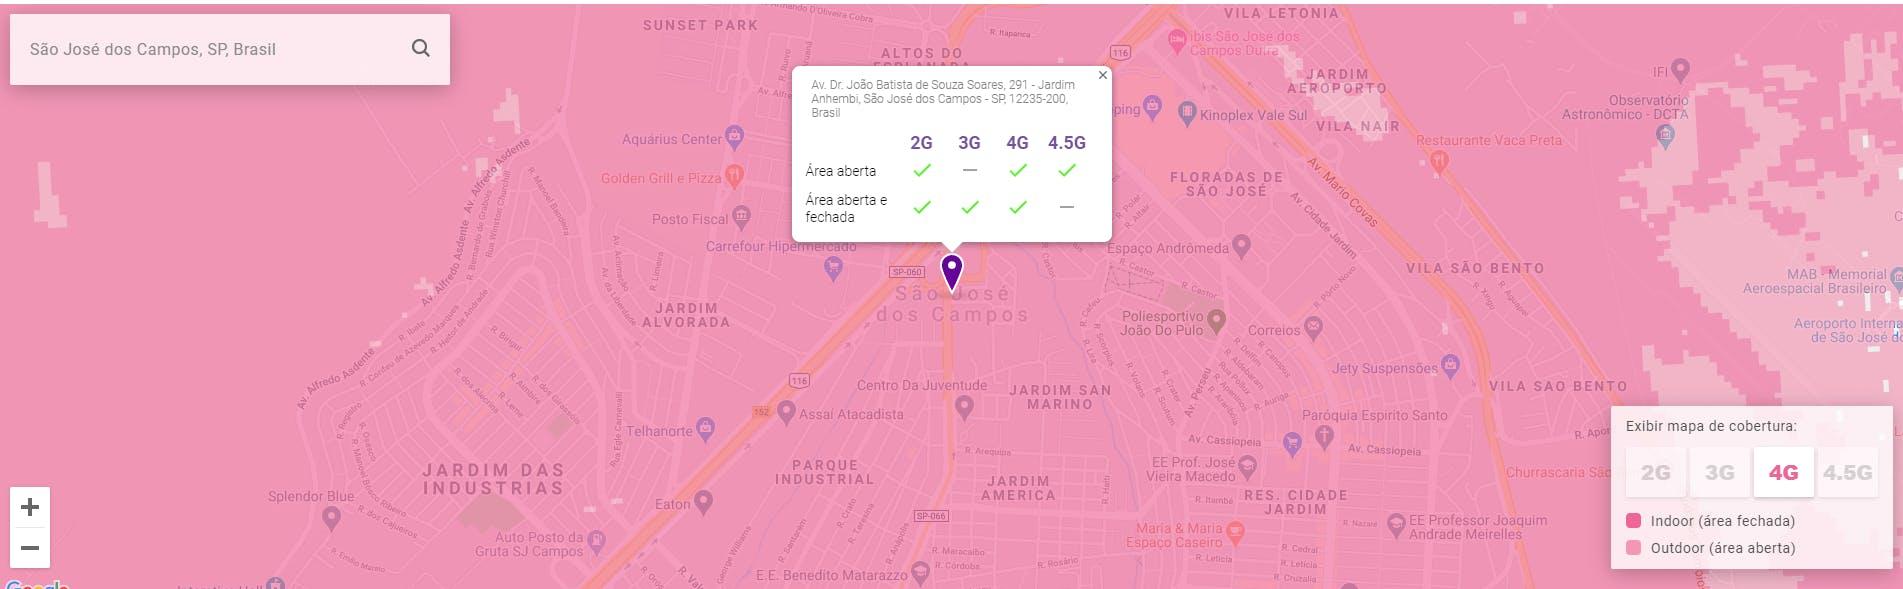 Maps de Cobertura Vivo Internet Móvel em São José dos Campos,SP, Brasil.